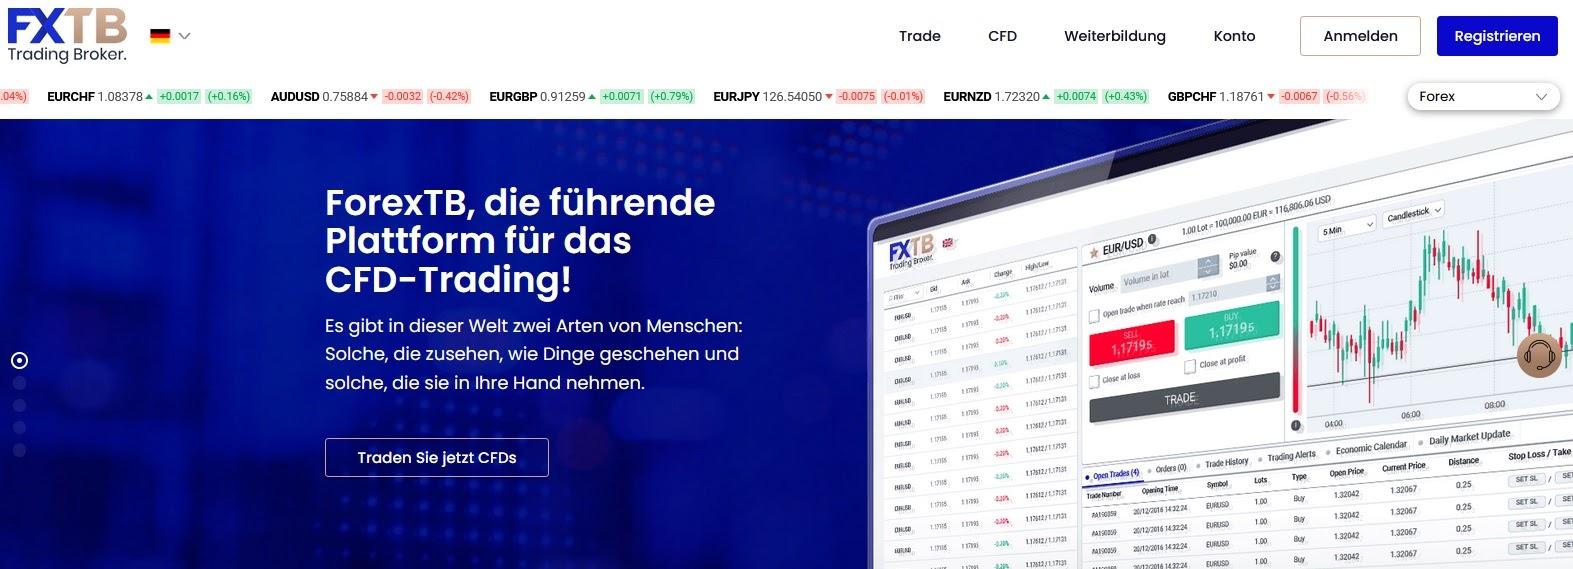 FXTB Webseite und Logo